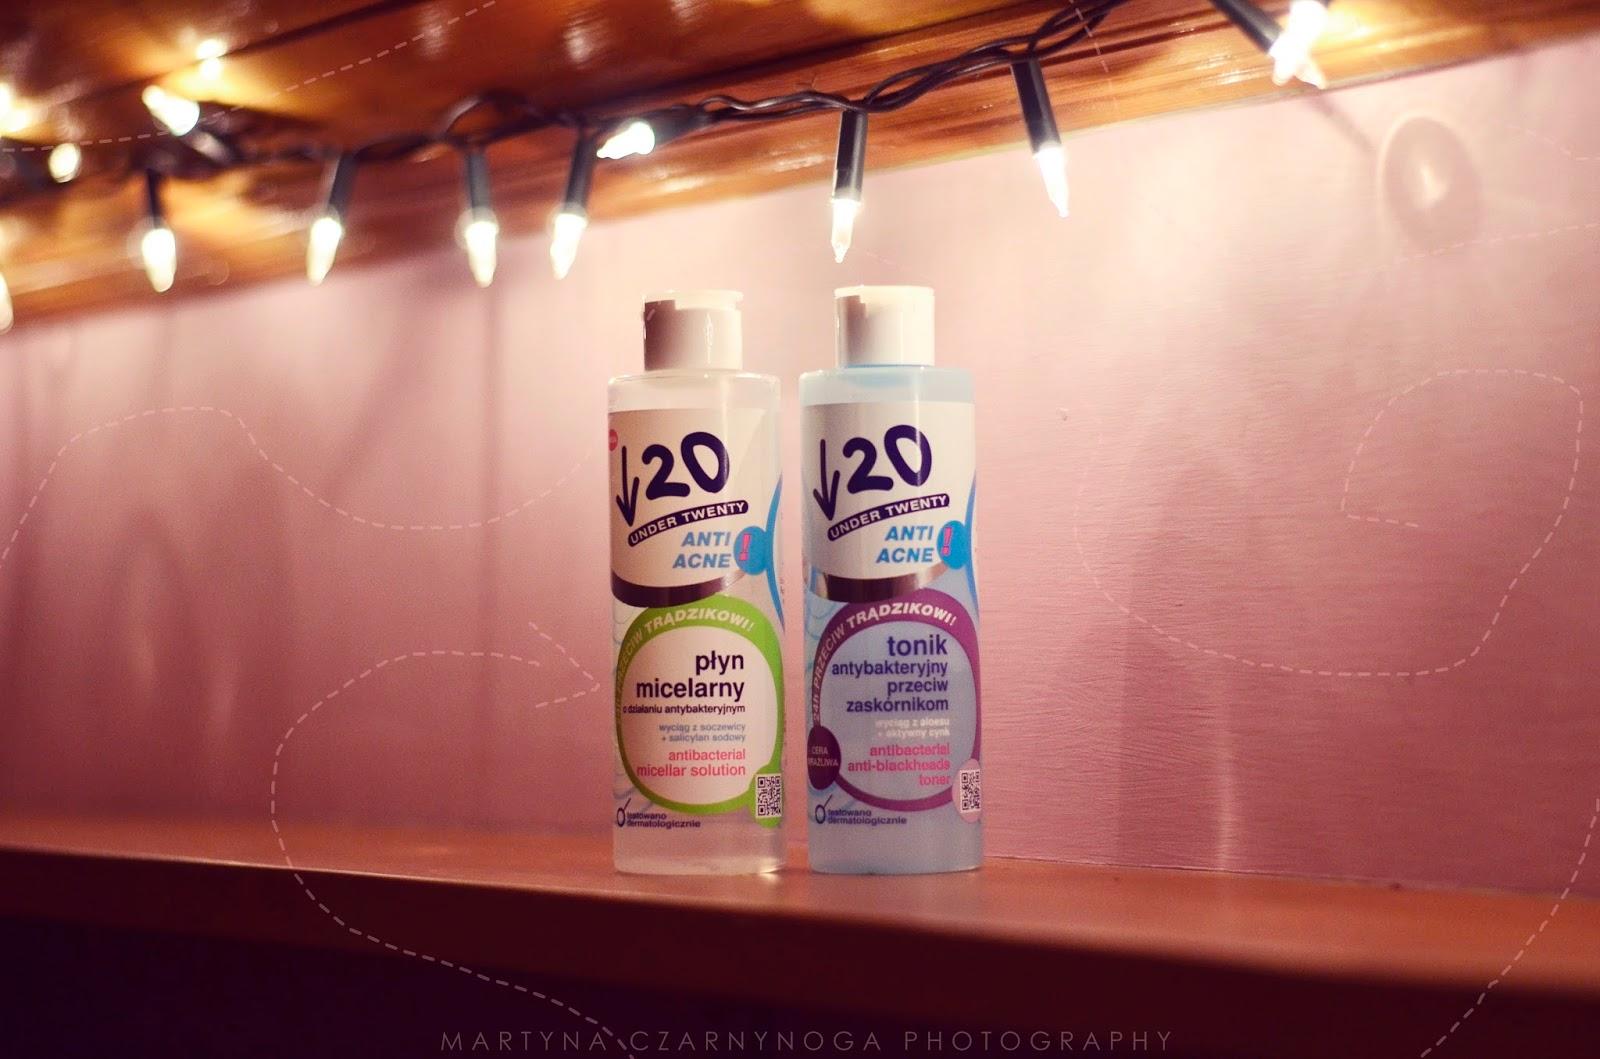 Tonik głęboko oczyszczający i płyn micelarny | Under20